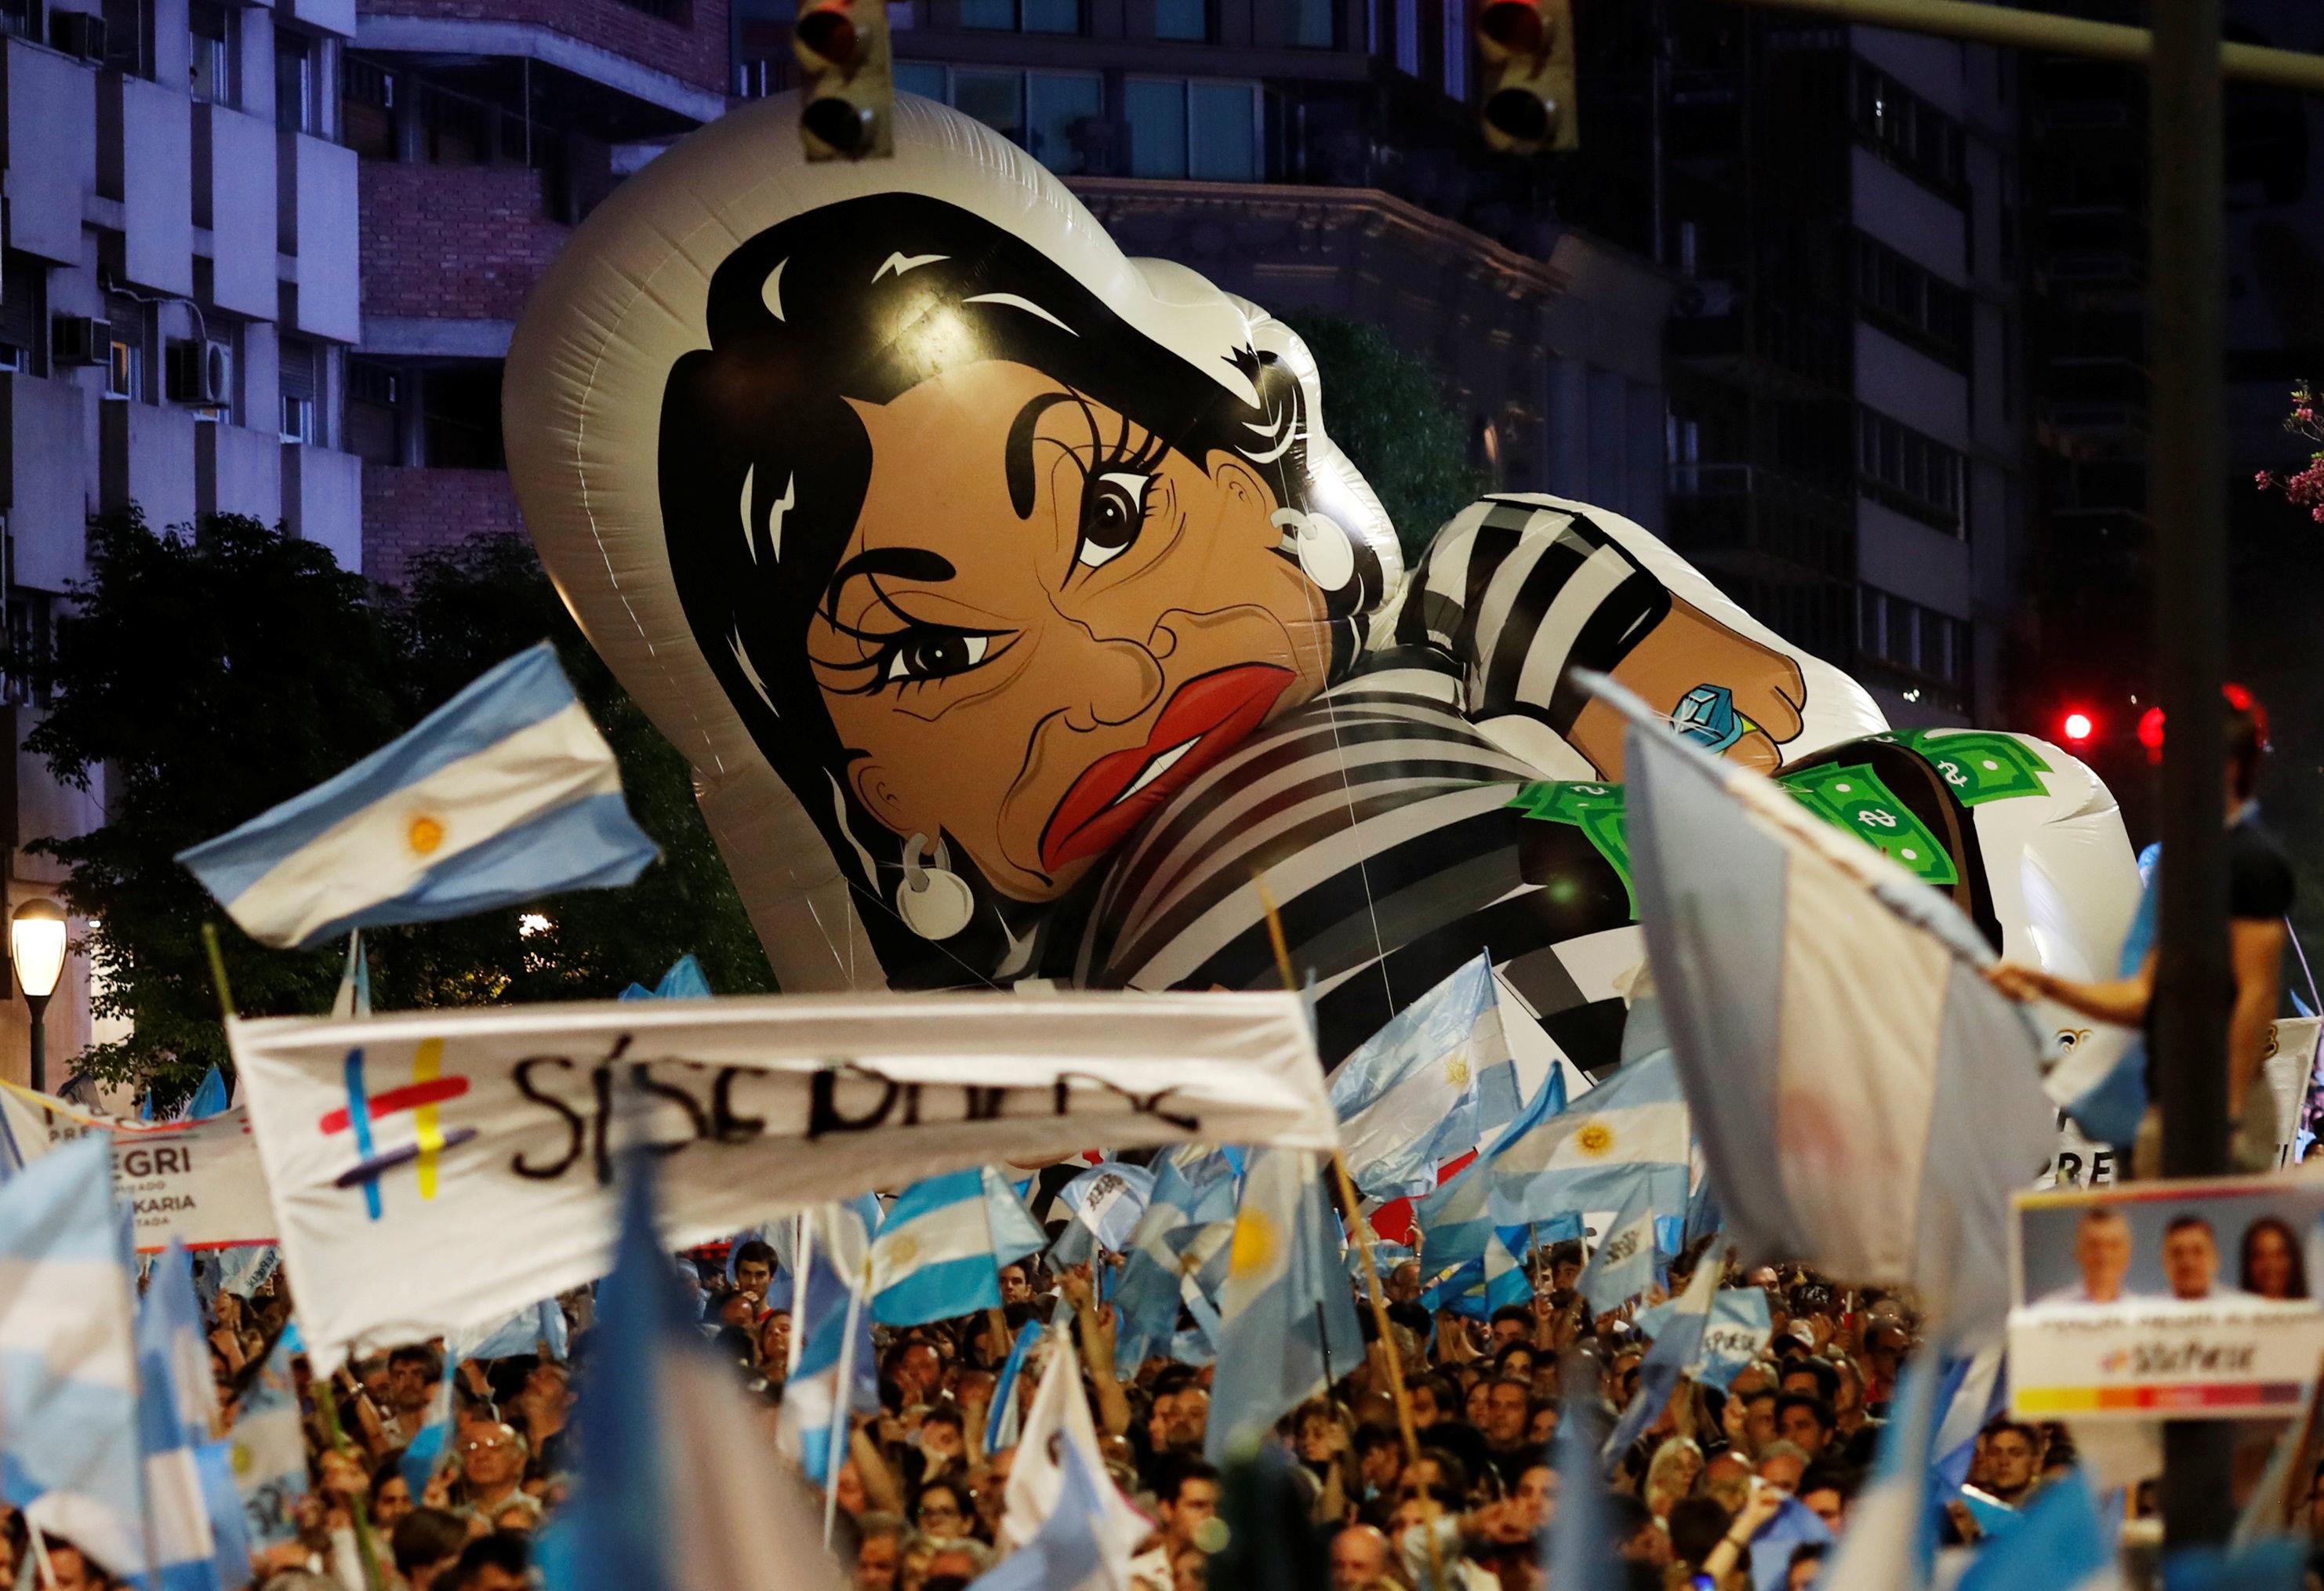 Apoiadores de Mauricio Macri carregam um boneco inflável da ex-presidente Cristina Kirchner, candidata a vice-presidente com Alberto Fernandez, durante um com comício no dia 24 de outubro de 2019.